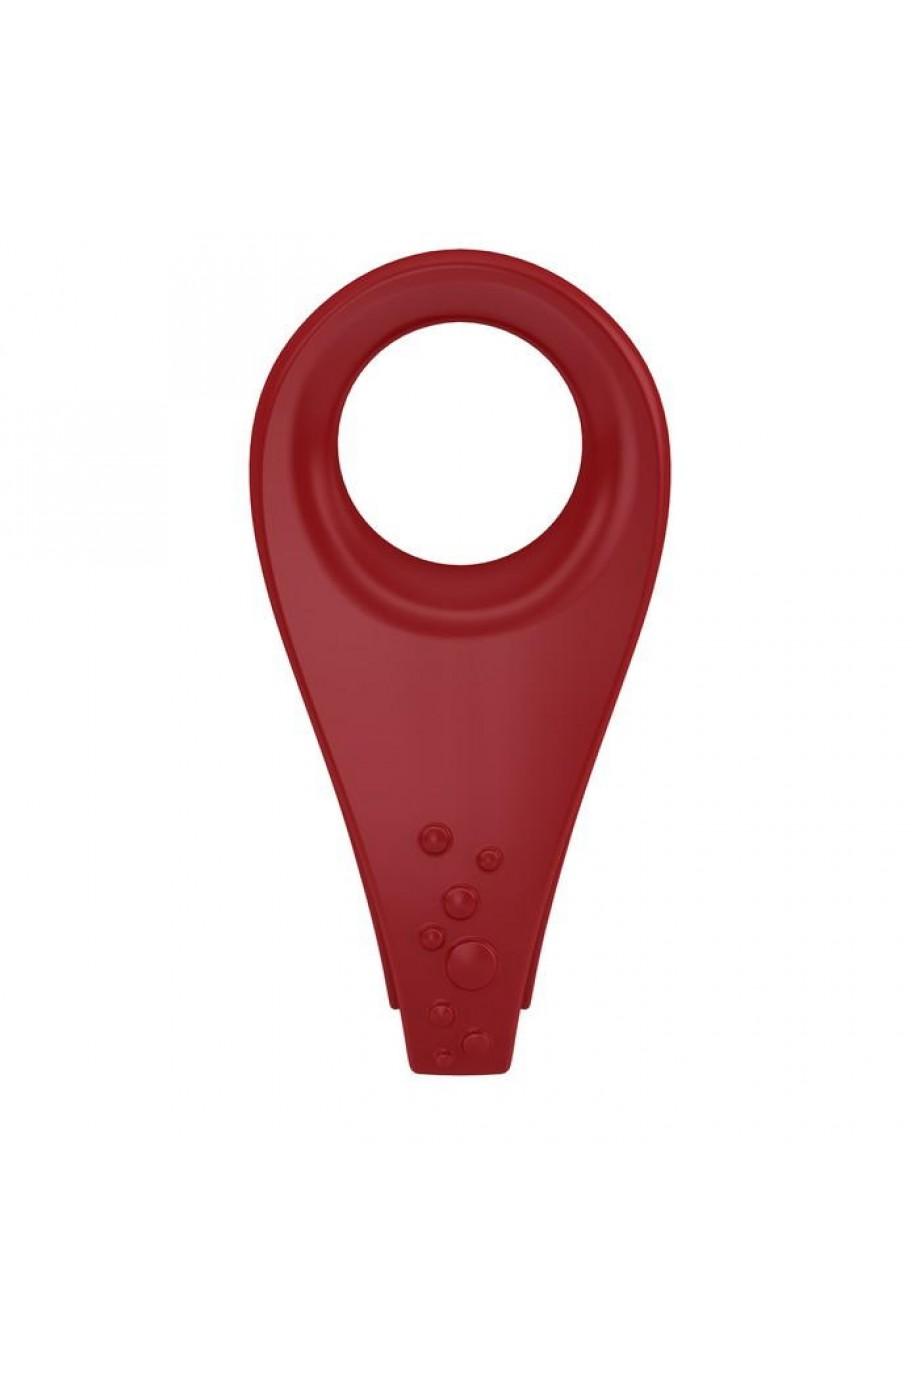 Эрекционное кольцо OVO с ультрасильной вибрацией и рельефным элементом для клиторальной стимуляции, силиконовое, красное